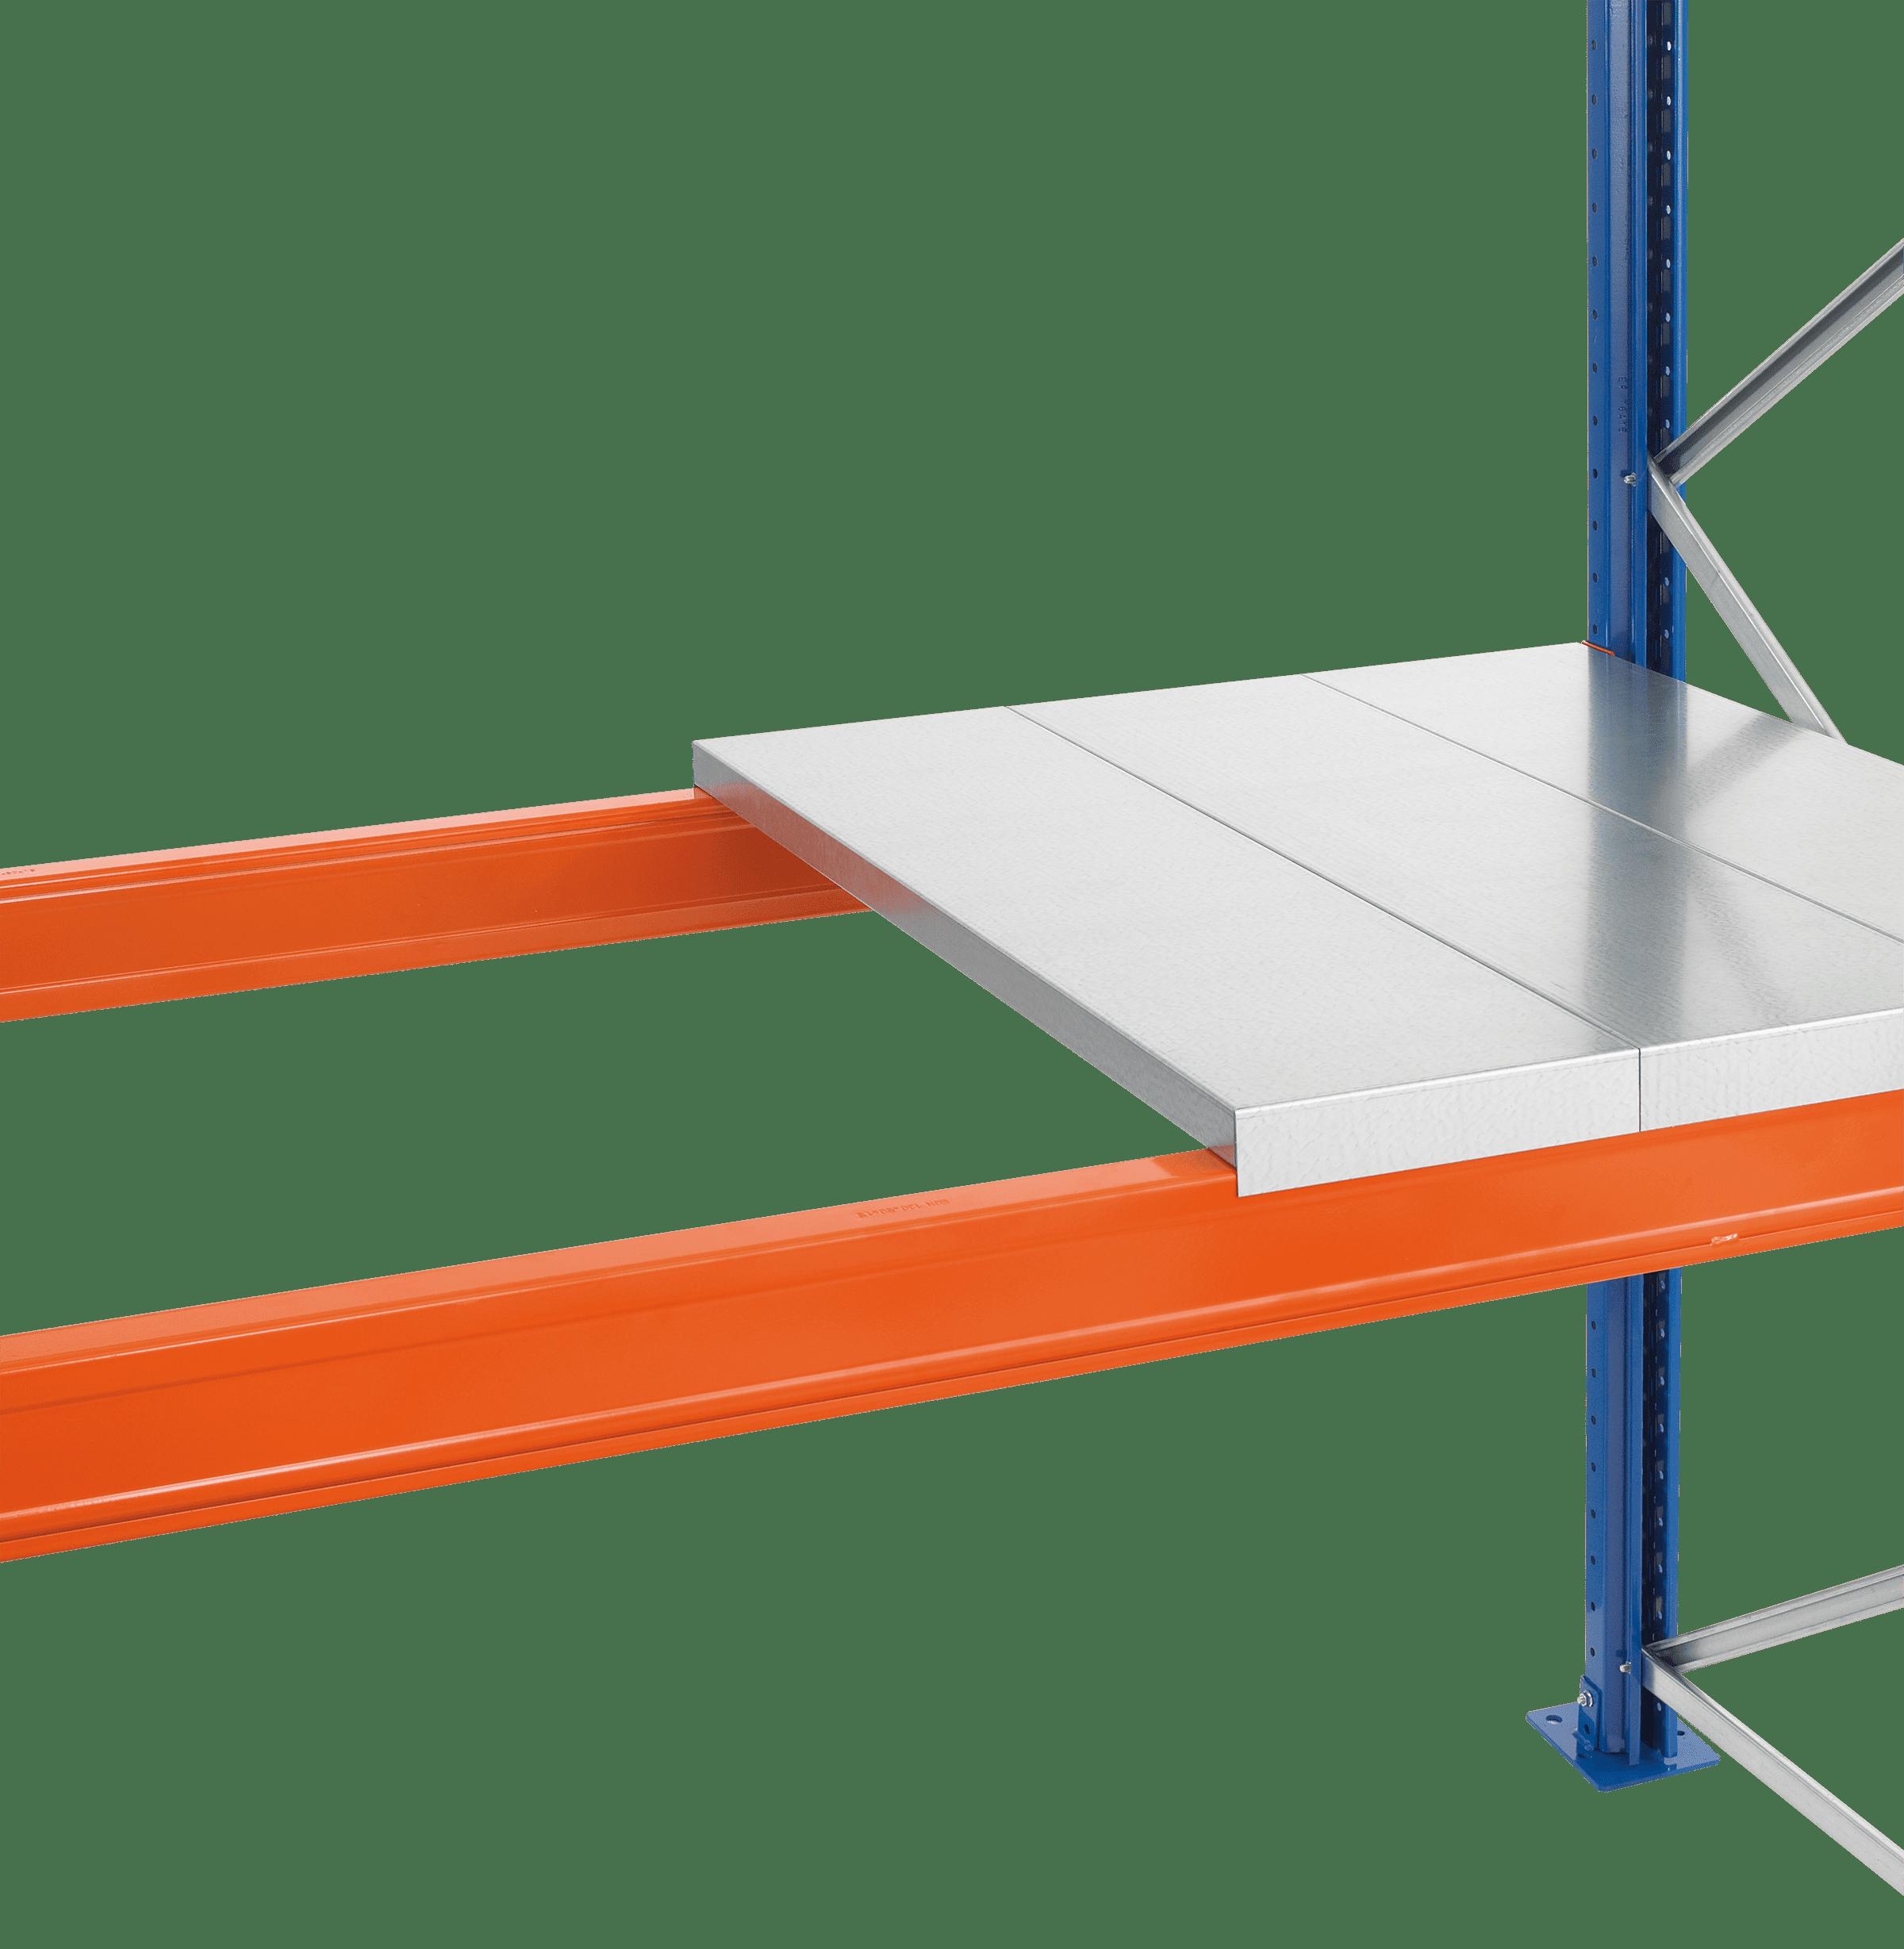 Stahlpaneel-Ebene für Palettenregal 3300x1100x1.25 – mm, Belastbarkeit 2750 kg/Ebene